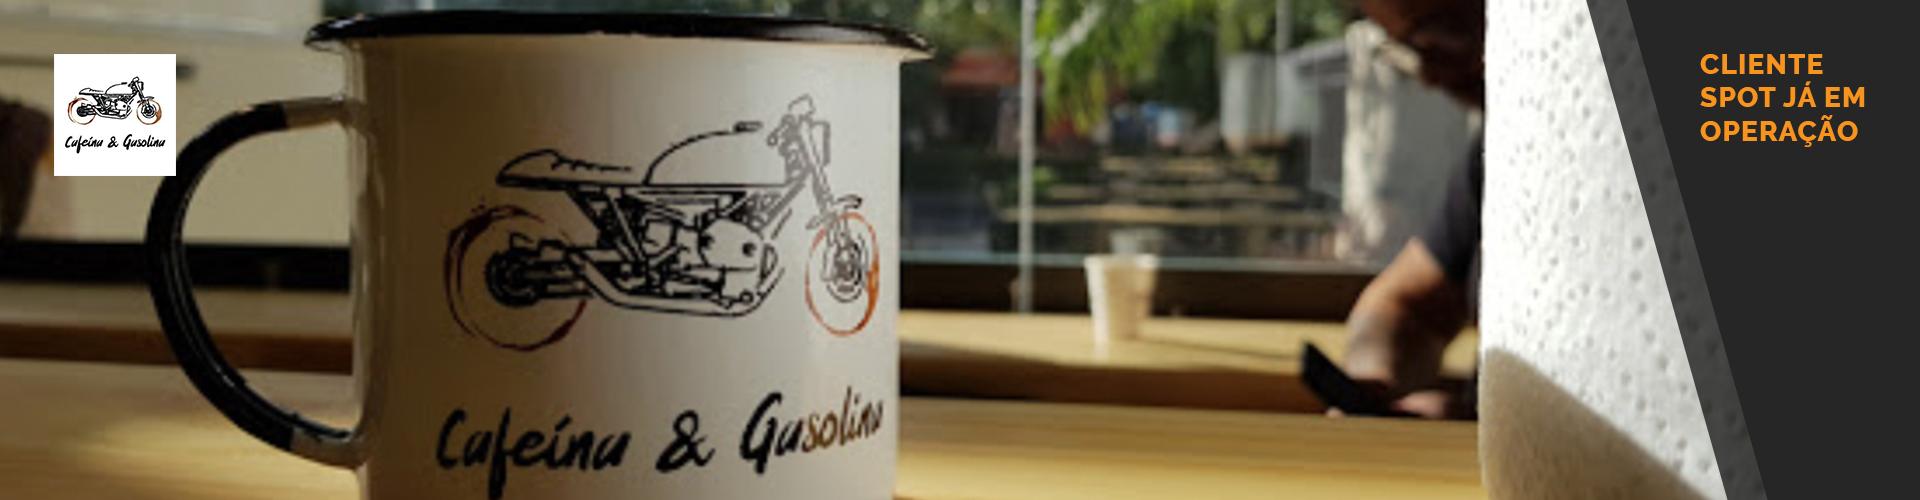 cafeína gasolina